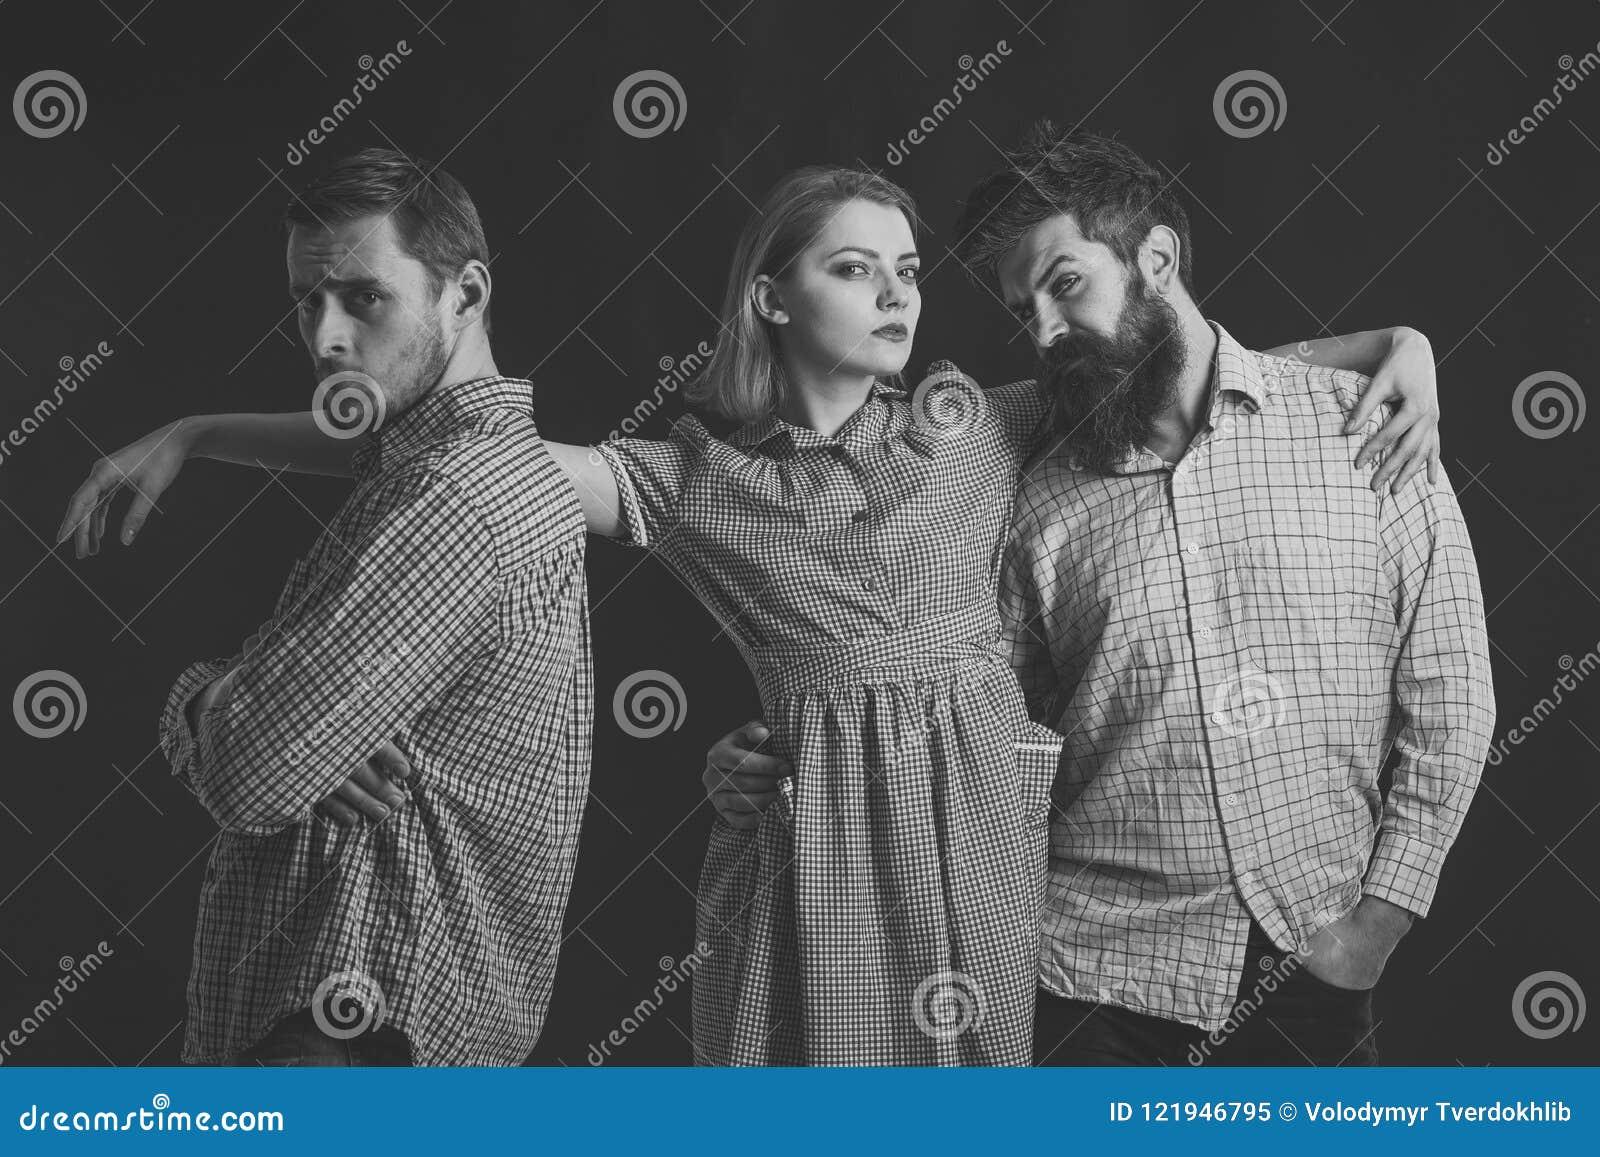 Bedrijf van zekere mensen, vrienden Het concept van de liefdedriehoek Relaties, mededeling, vriendschap, liefde, verraad mensen